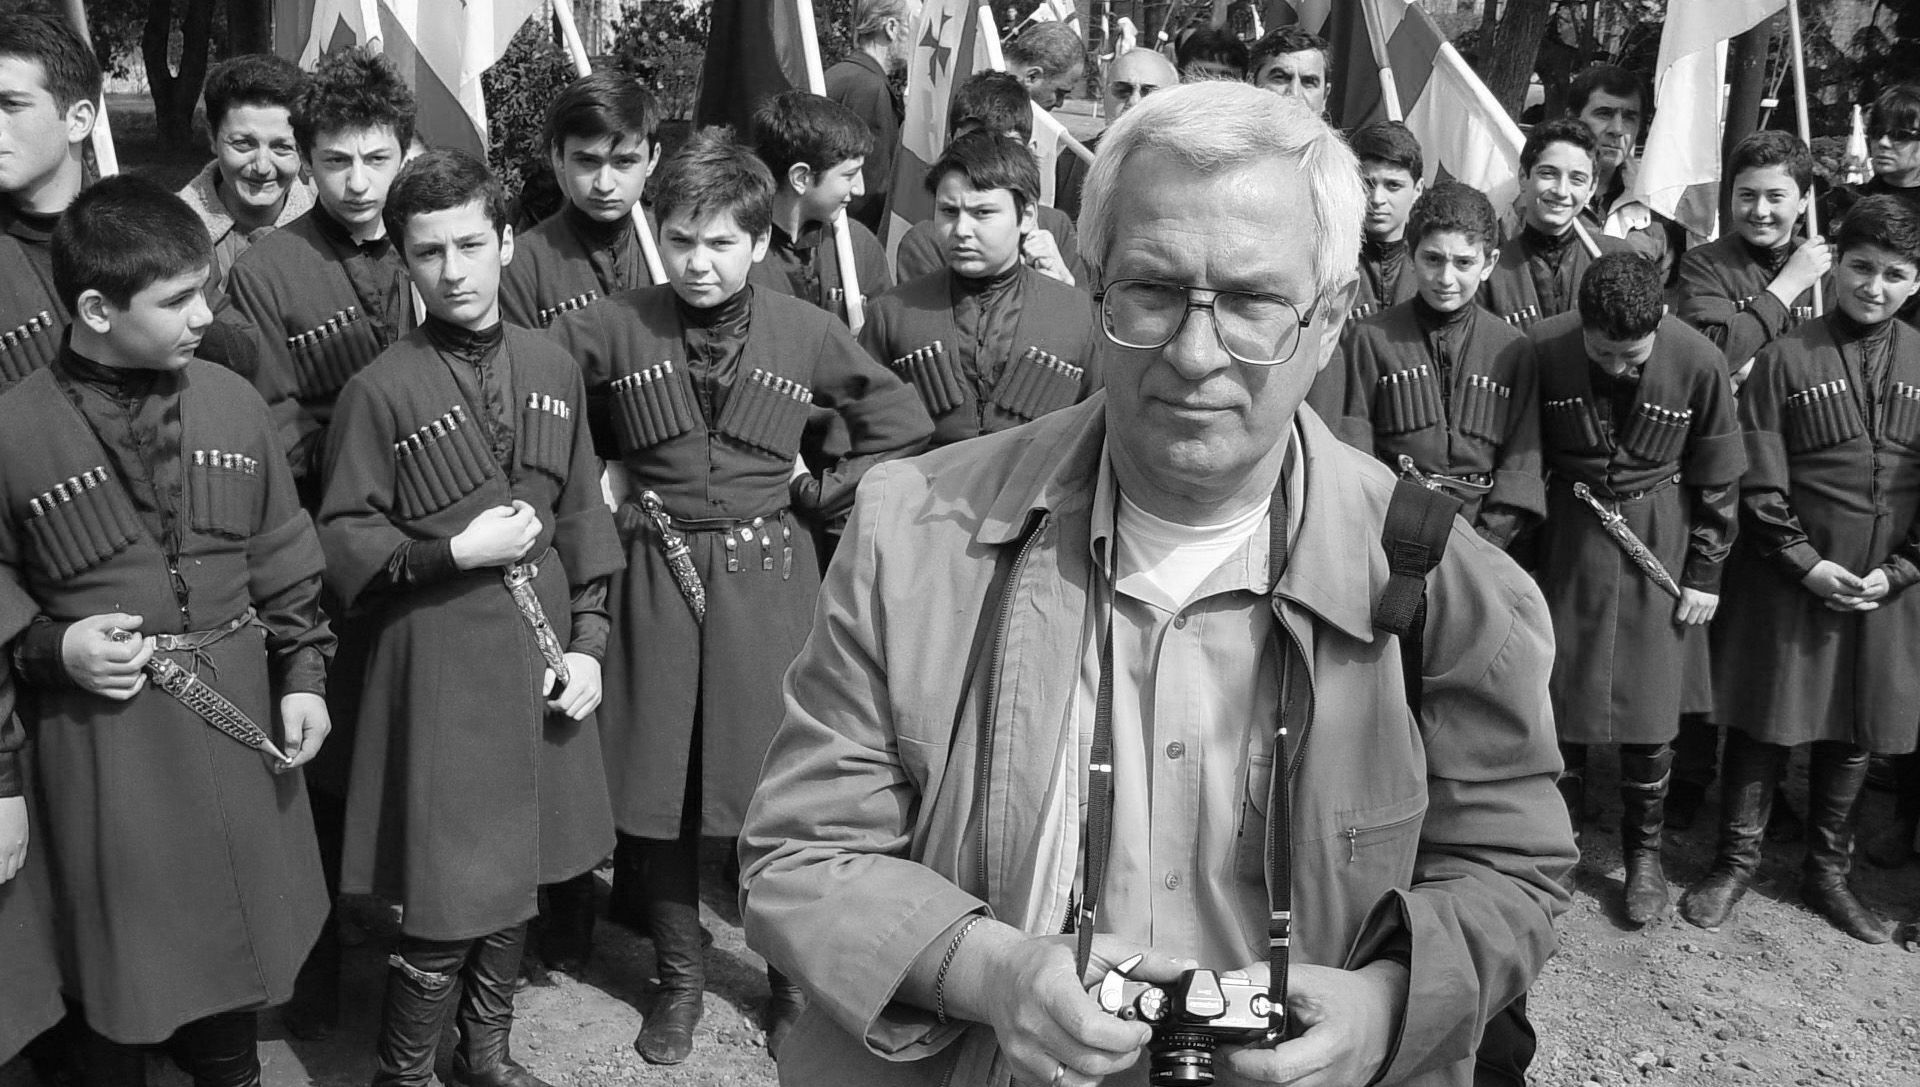 Фотограф Георгий (Гоги) Цагарели на съемке - Sputnik Грузия, 1920, 07.04.2021